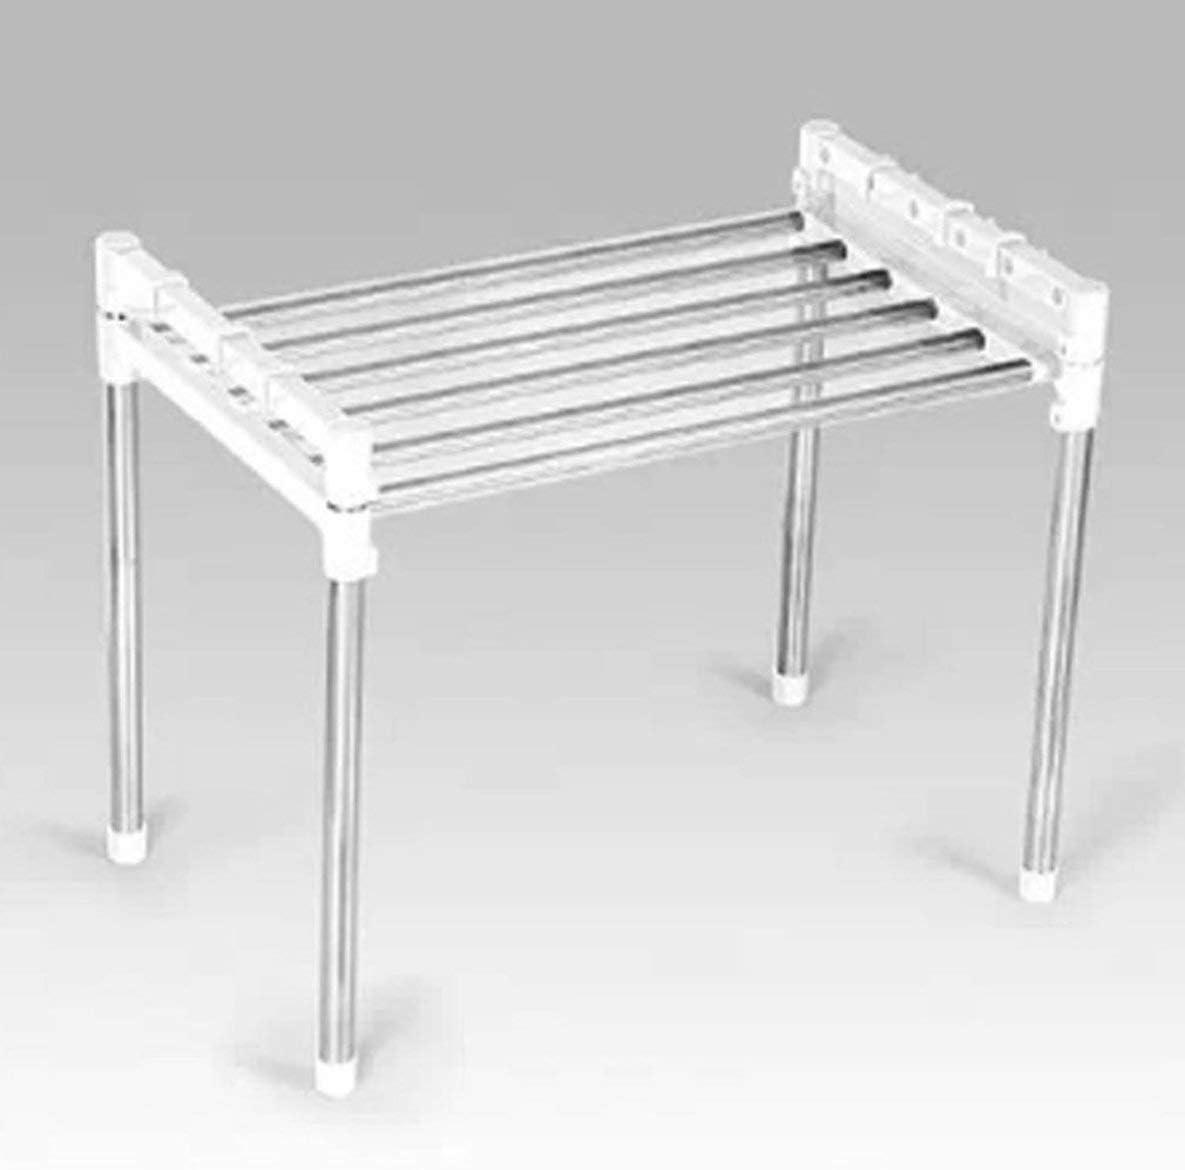 Rouku Support de Grille de Four /à Micro-Ondes Multifonctionnel Support de Cuisine r/églable en Acier Inoxydable de Type Debout Double